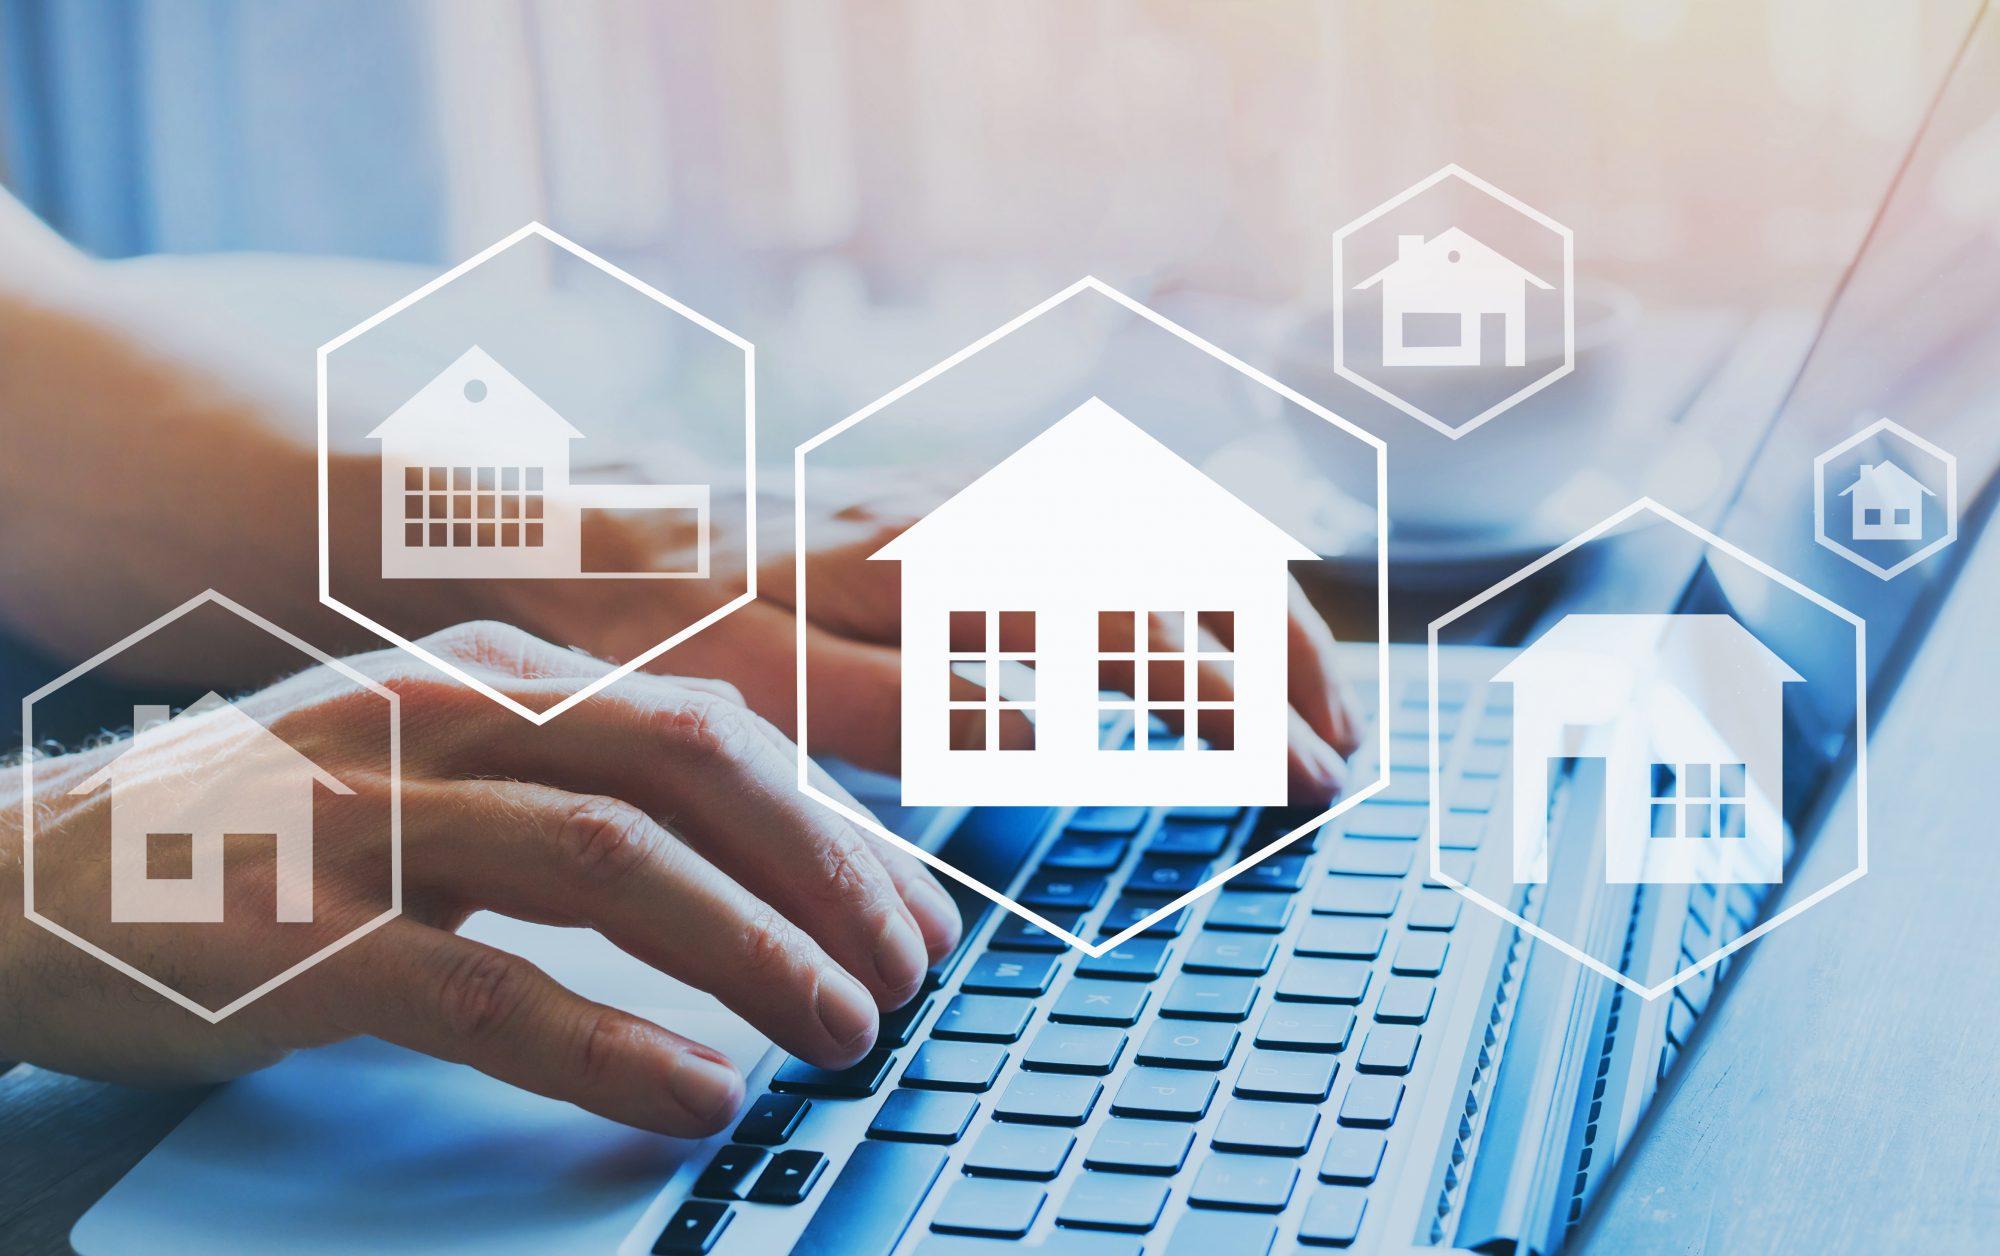 Abstraktes Bild: Person sucht online zur Baufinanzierung / Baufinanzierungen über Vermittlerplattformen